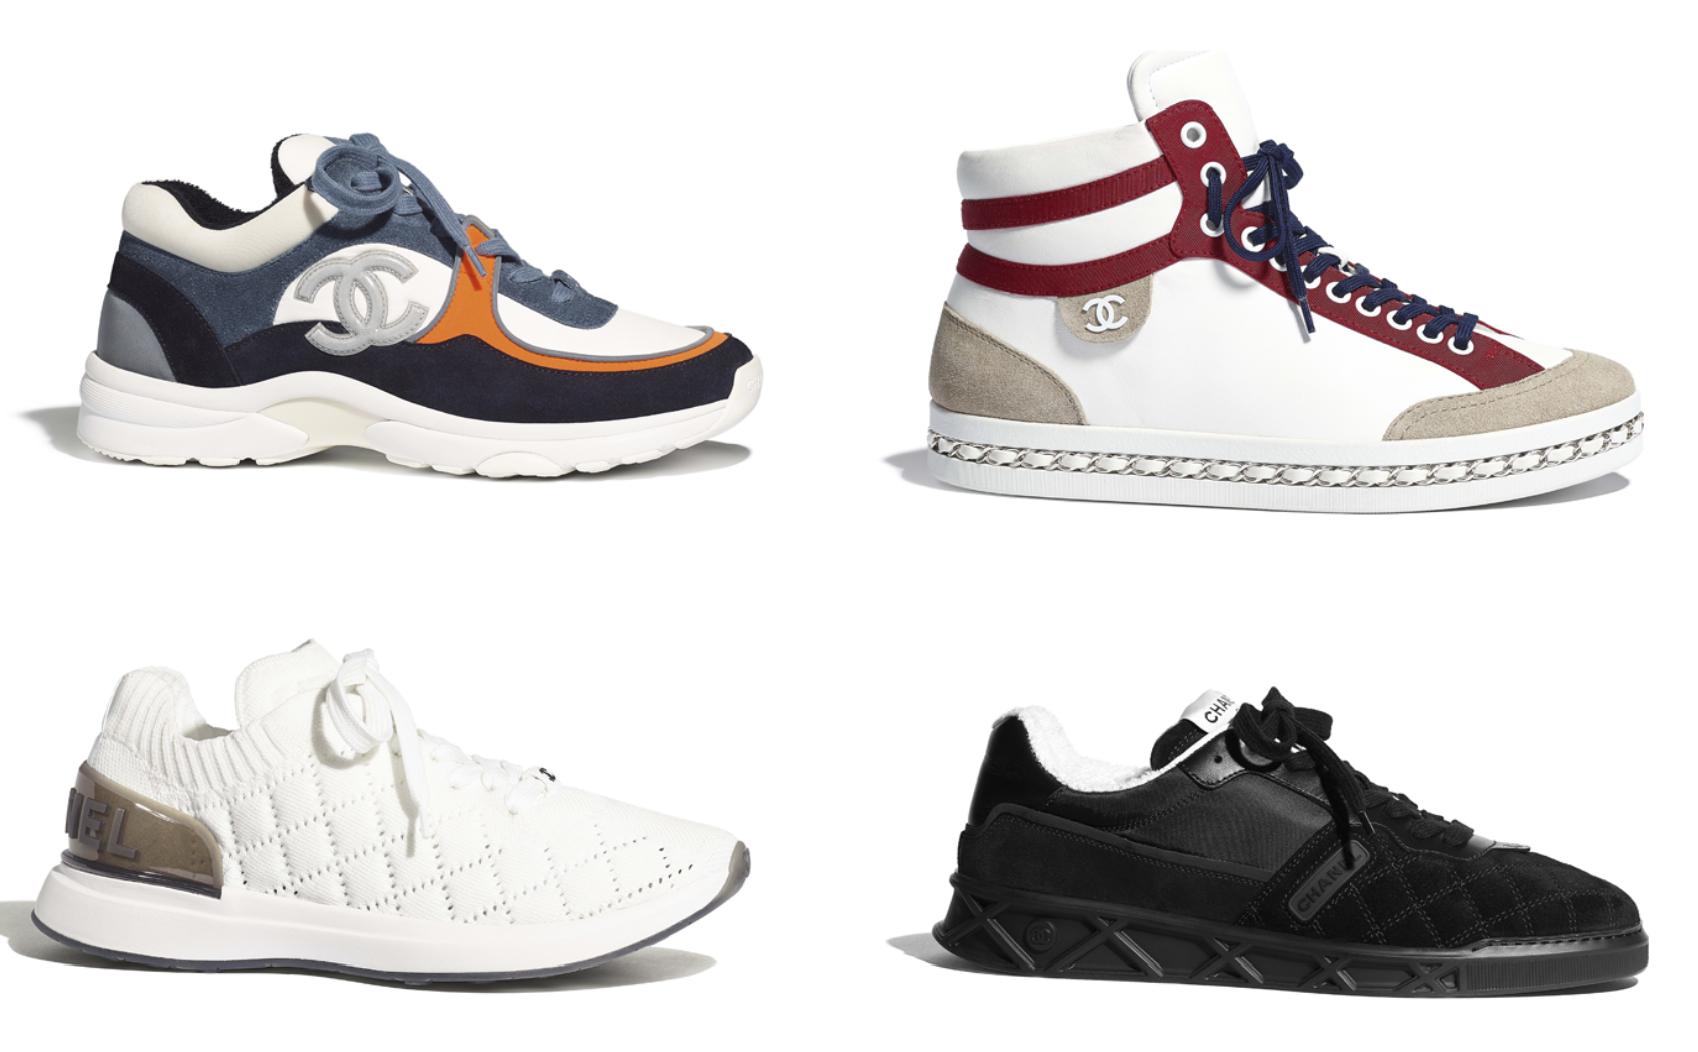 Sepatu Luxury Sneakers Chanel Terbaik luxury sneakers - 14 Luxury Sneakers Terbaik dari Desainer Dunia